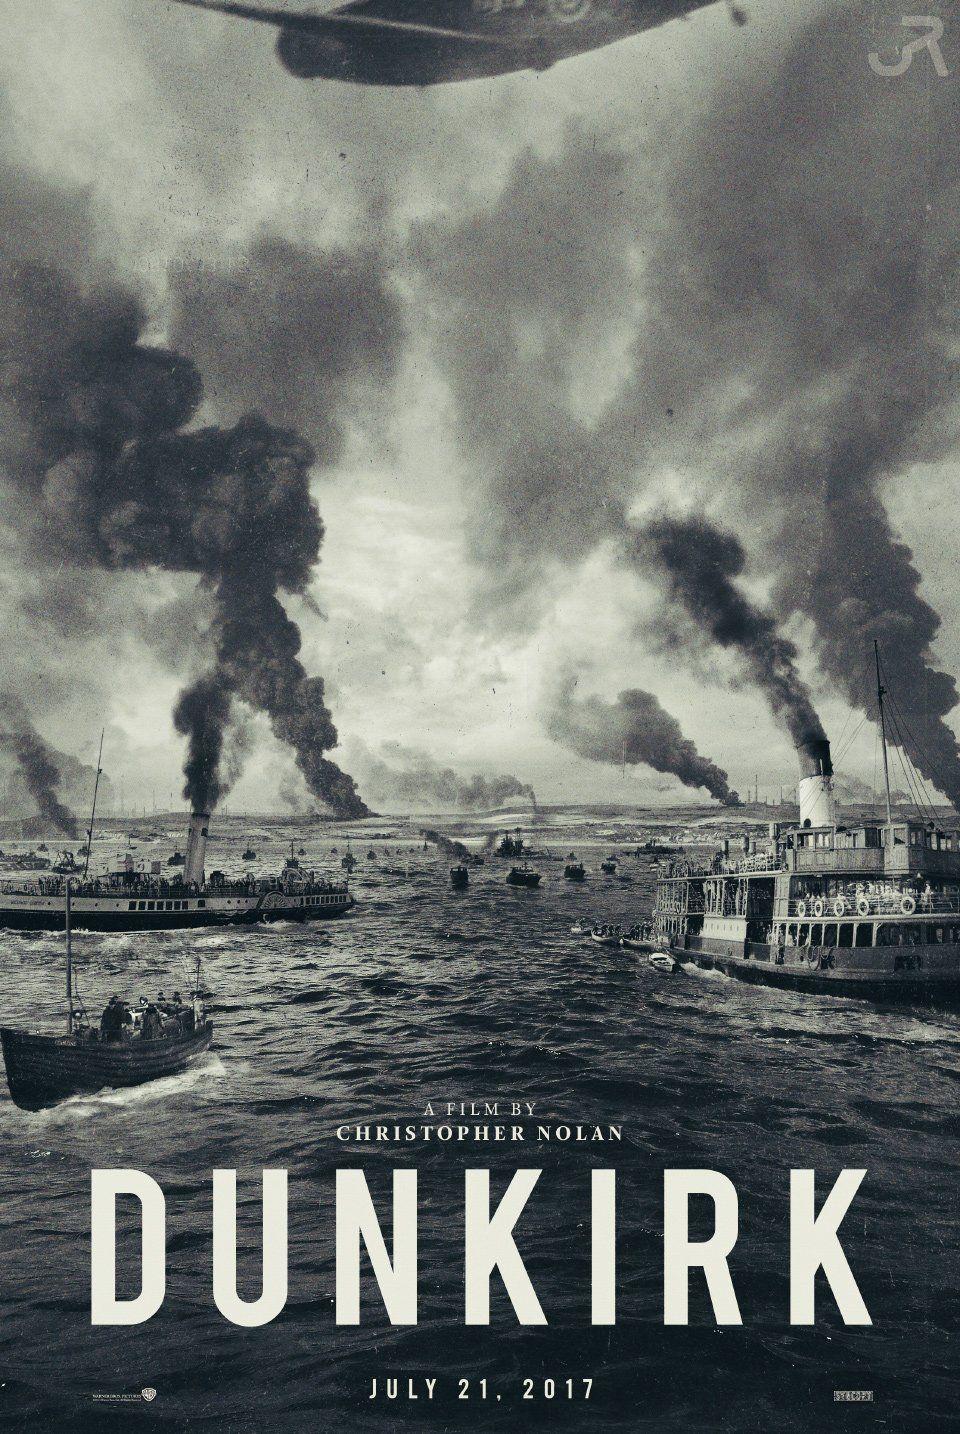 Dunkirk Dunkerque